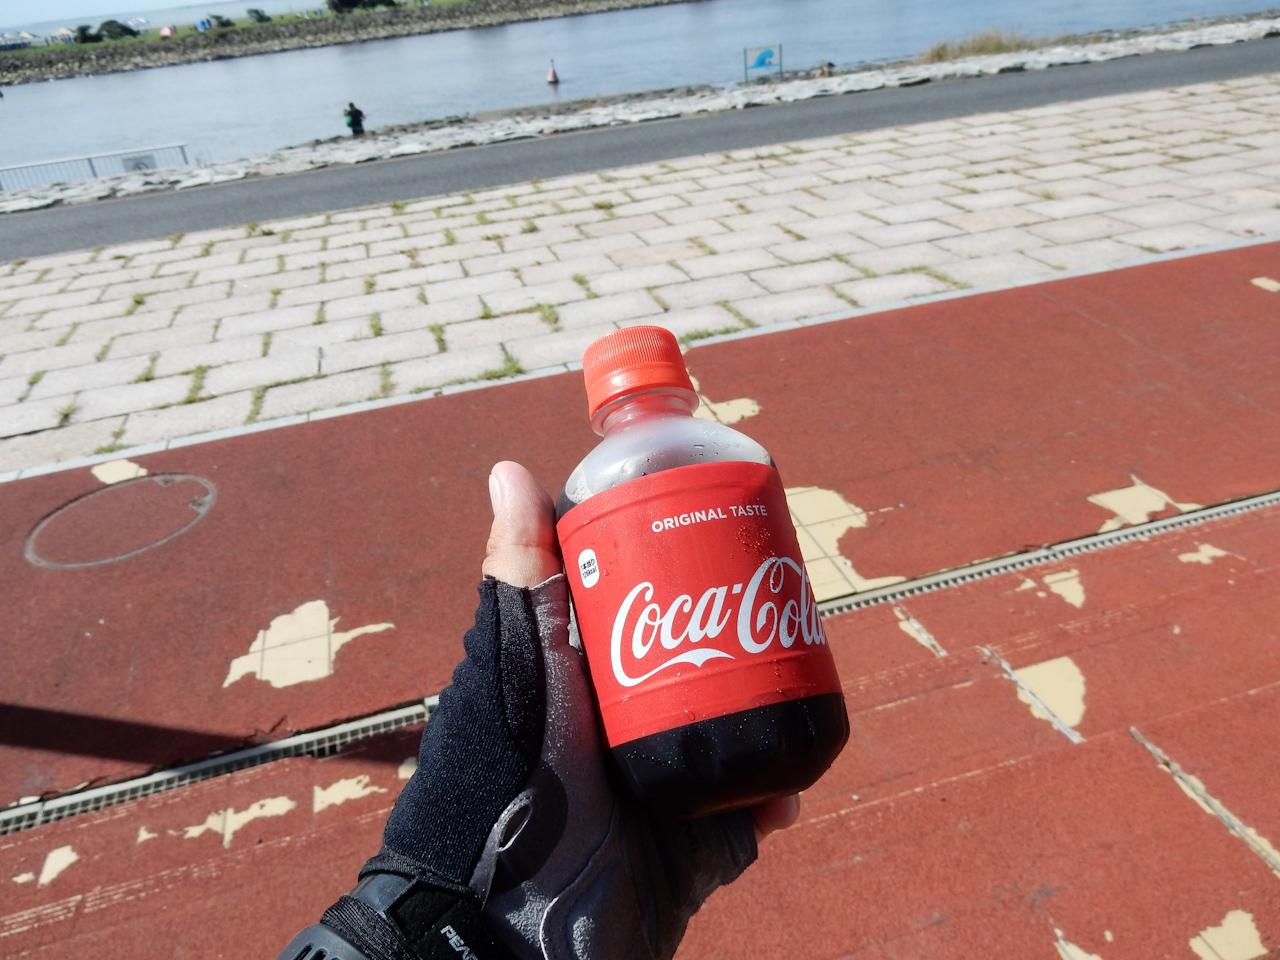 荒川サイクリングロード 左岸 葛西臨海公園 コカ・コーラ